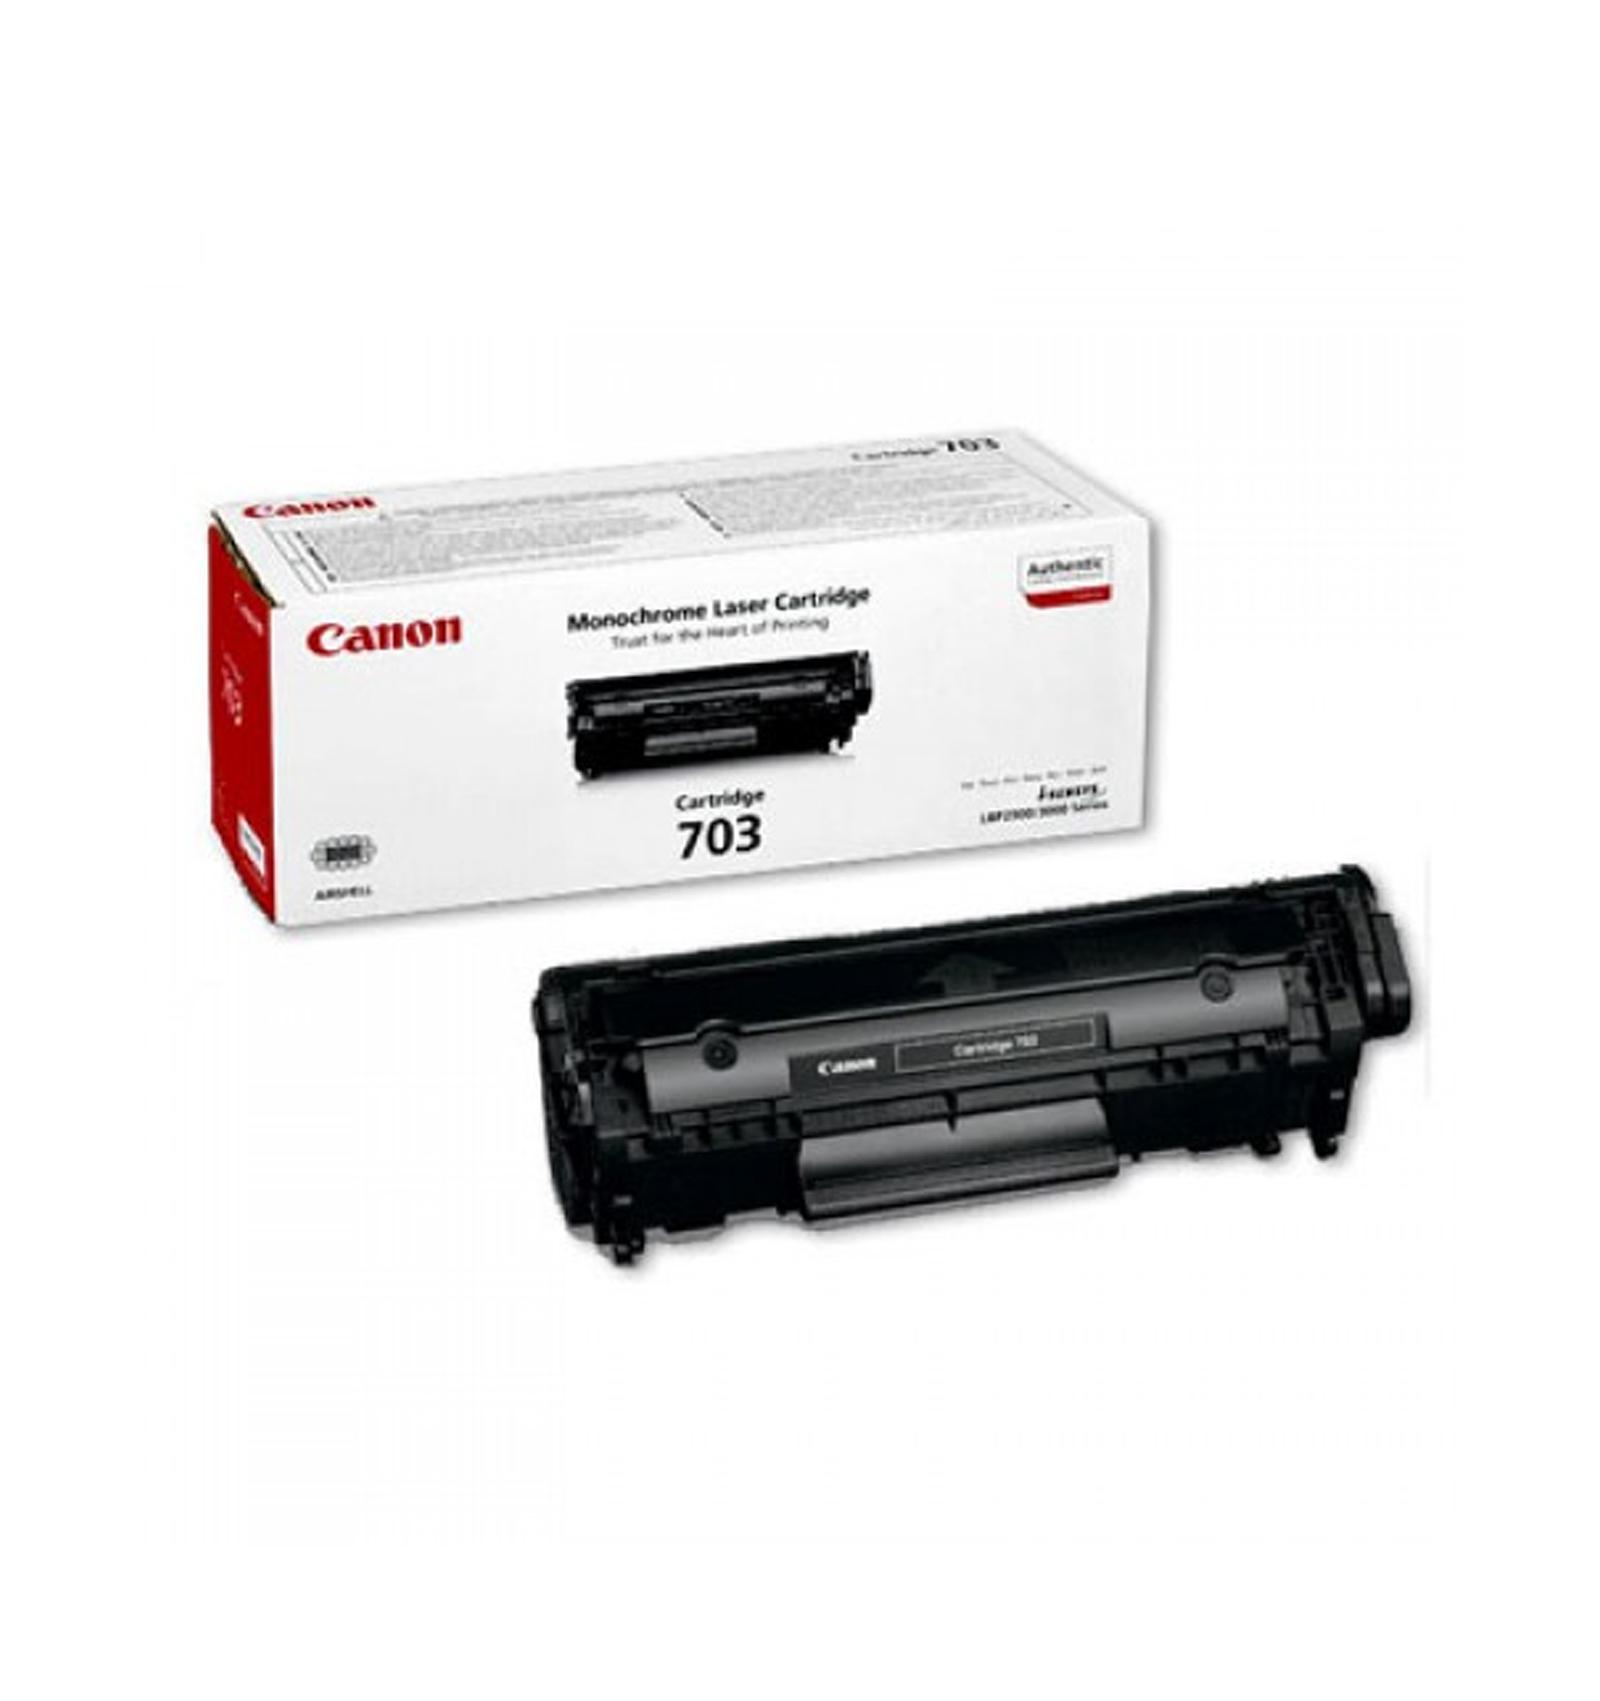 Заправка тонером картриджа Canon 703 для LBP2900/LBP3000